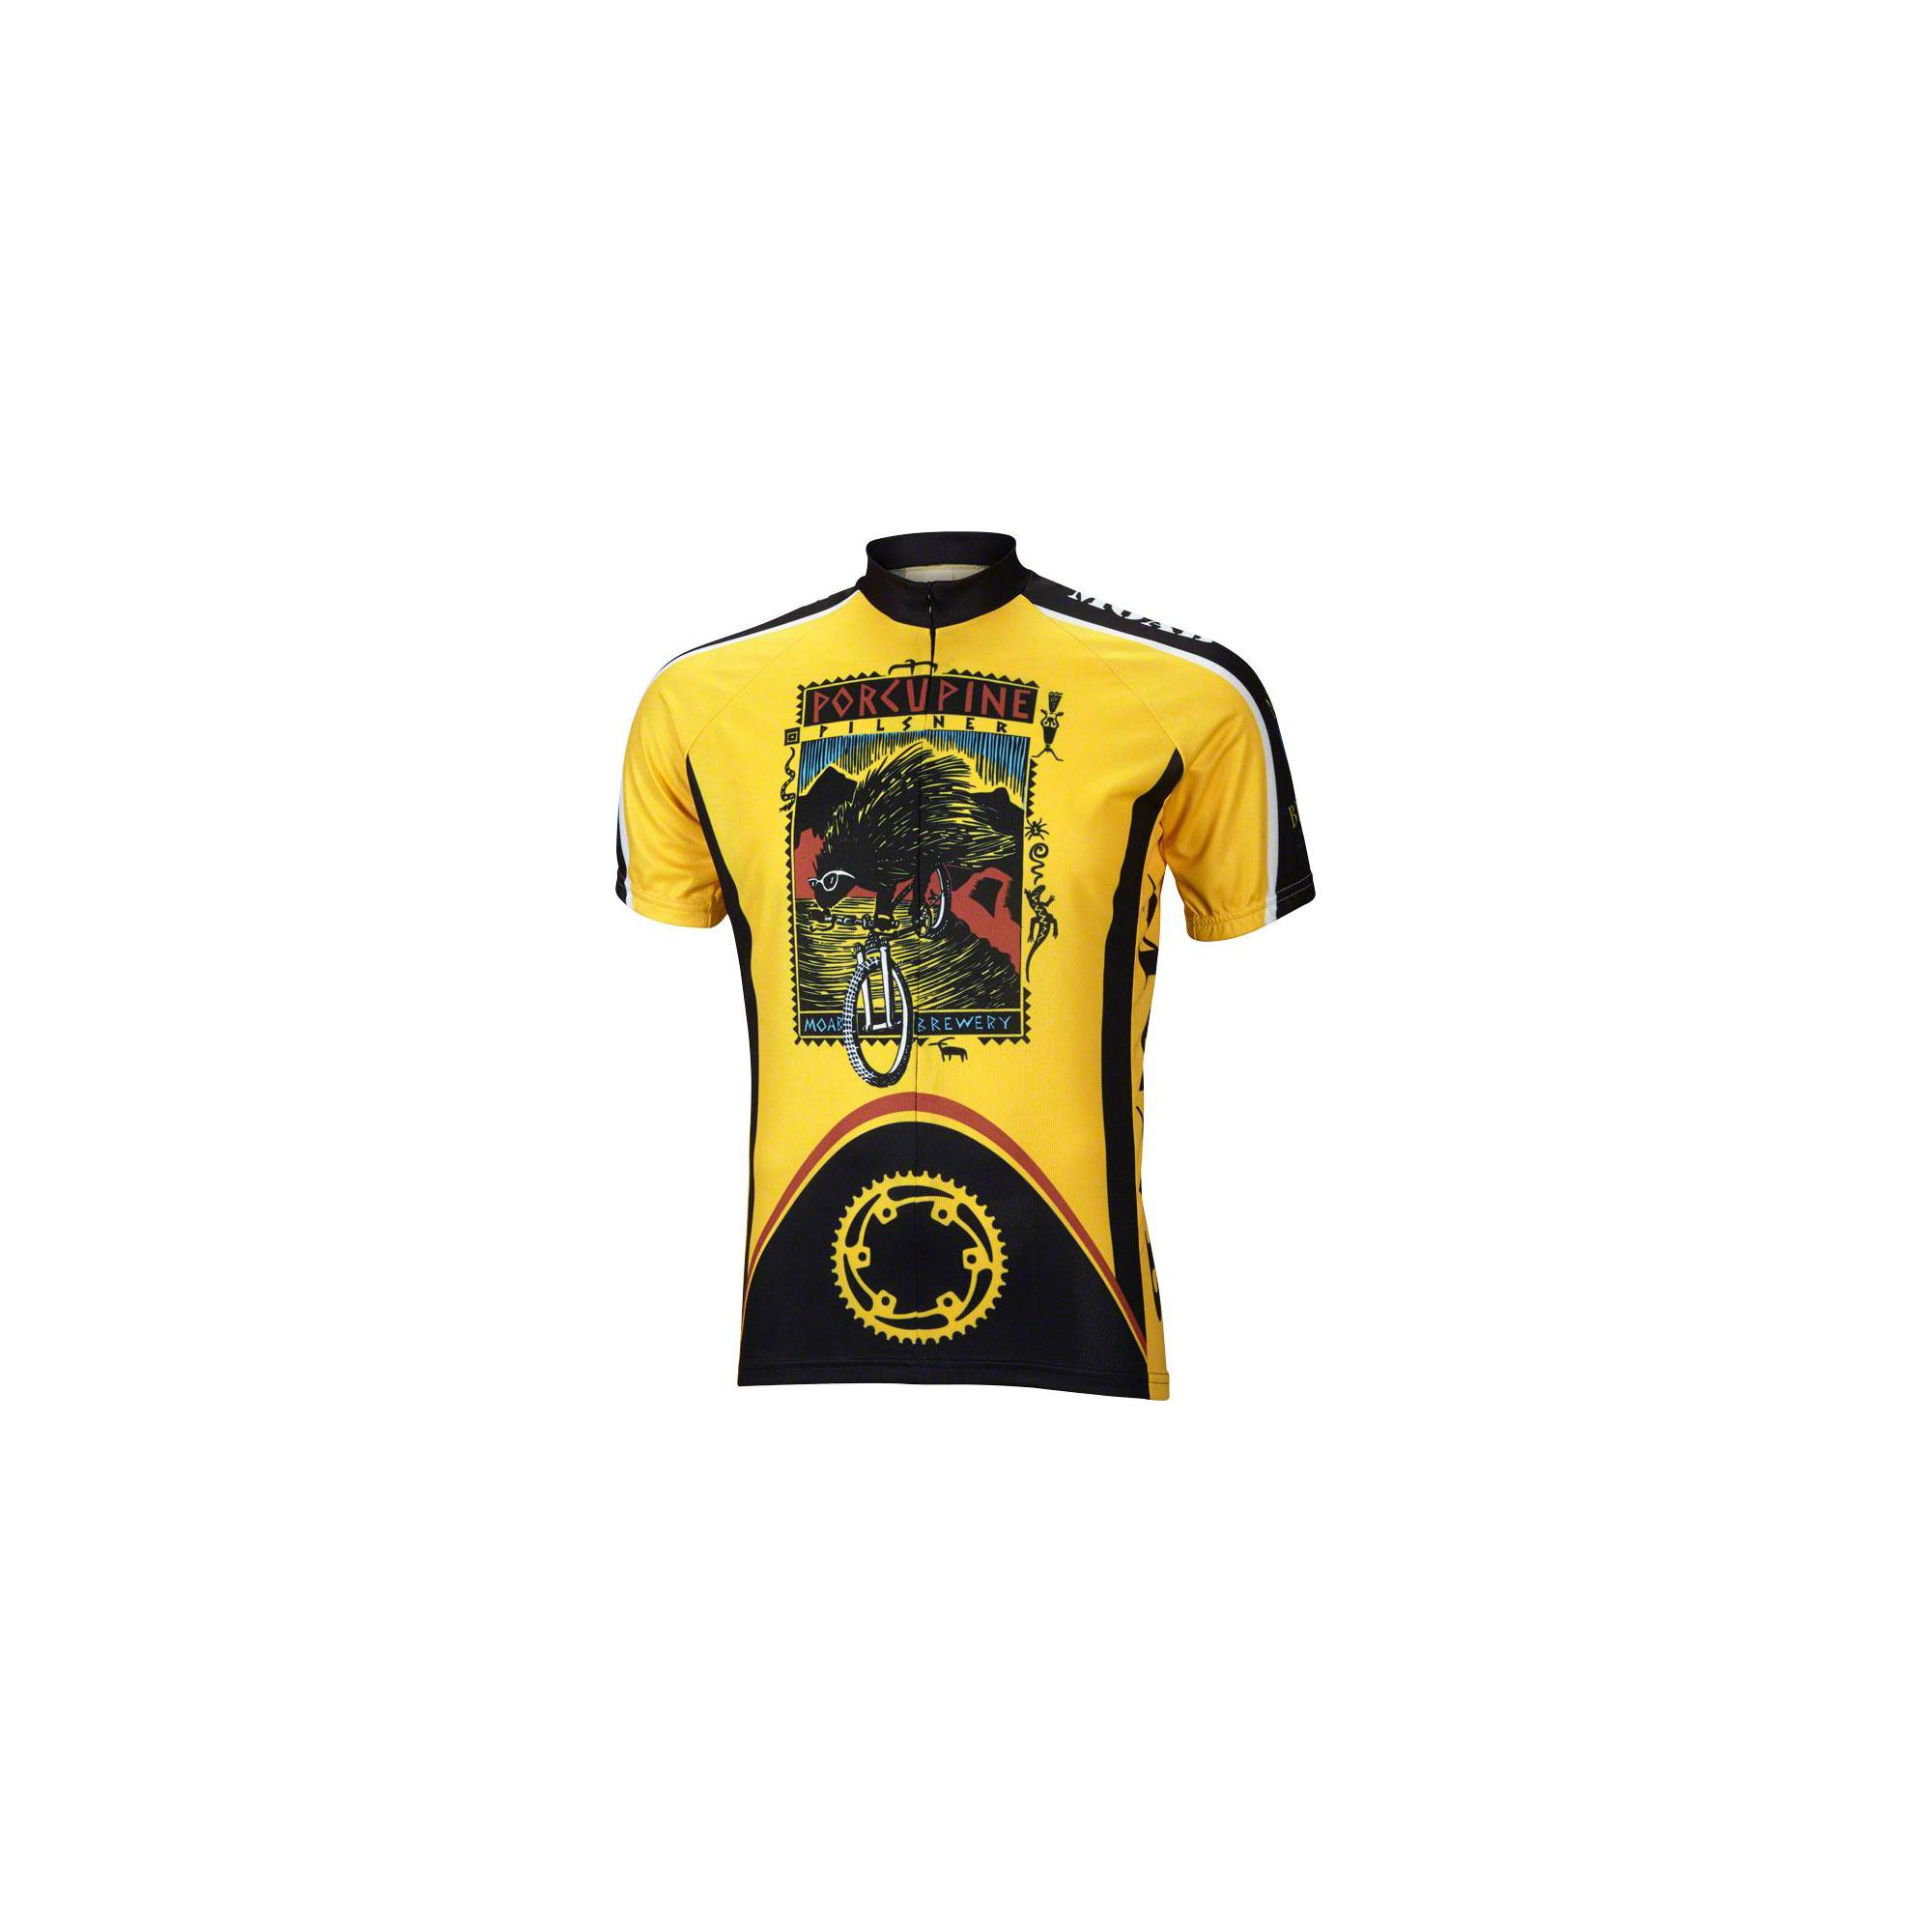 World Jerseys Men/'s Moab Derailleur Cycling Jersey